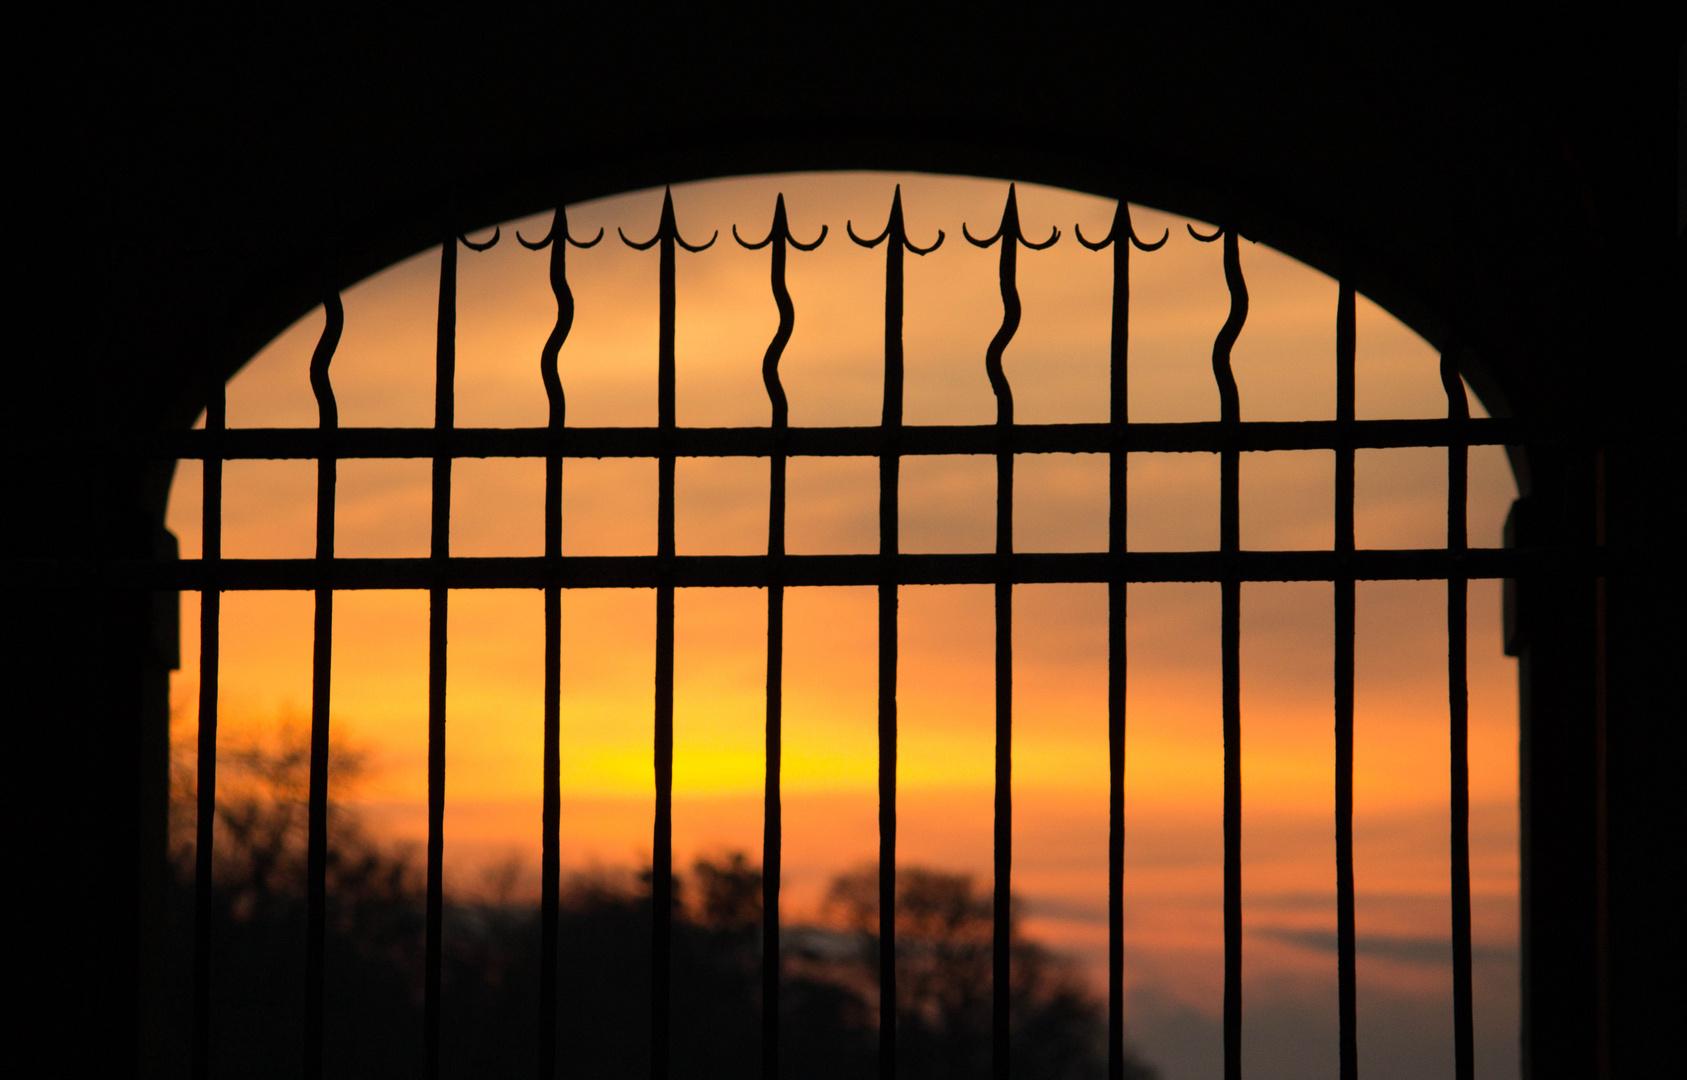 Sonnenuntergang im Schloß Nymphenburg